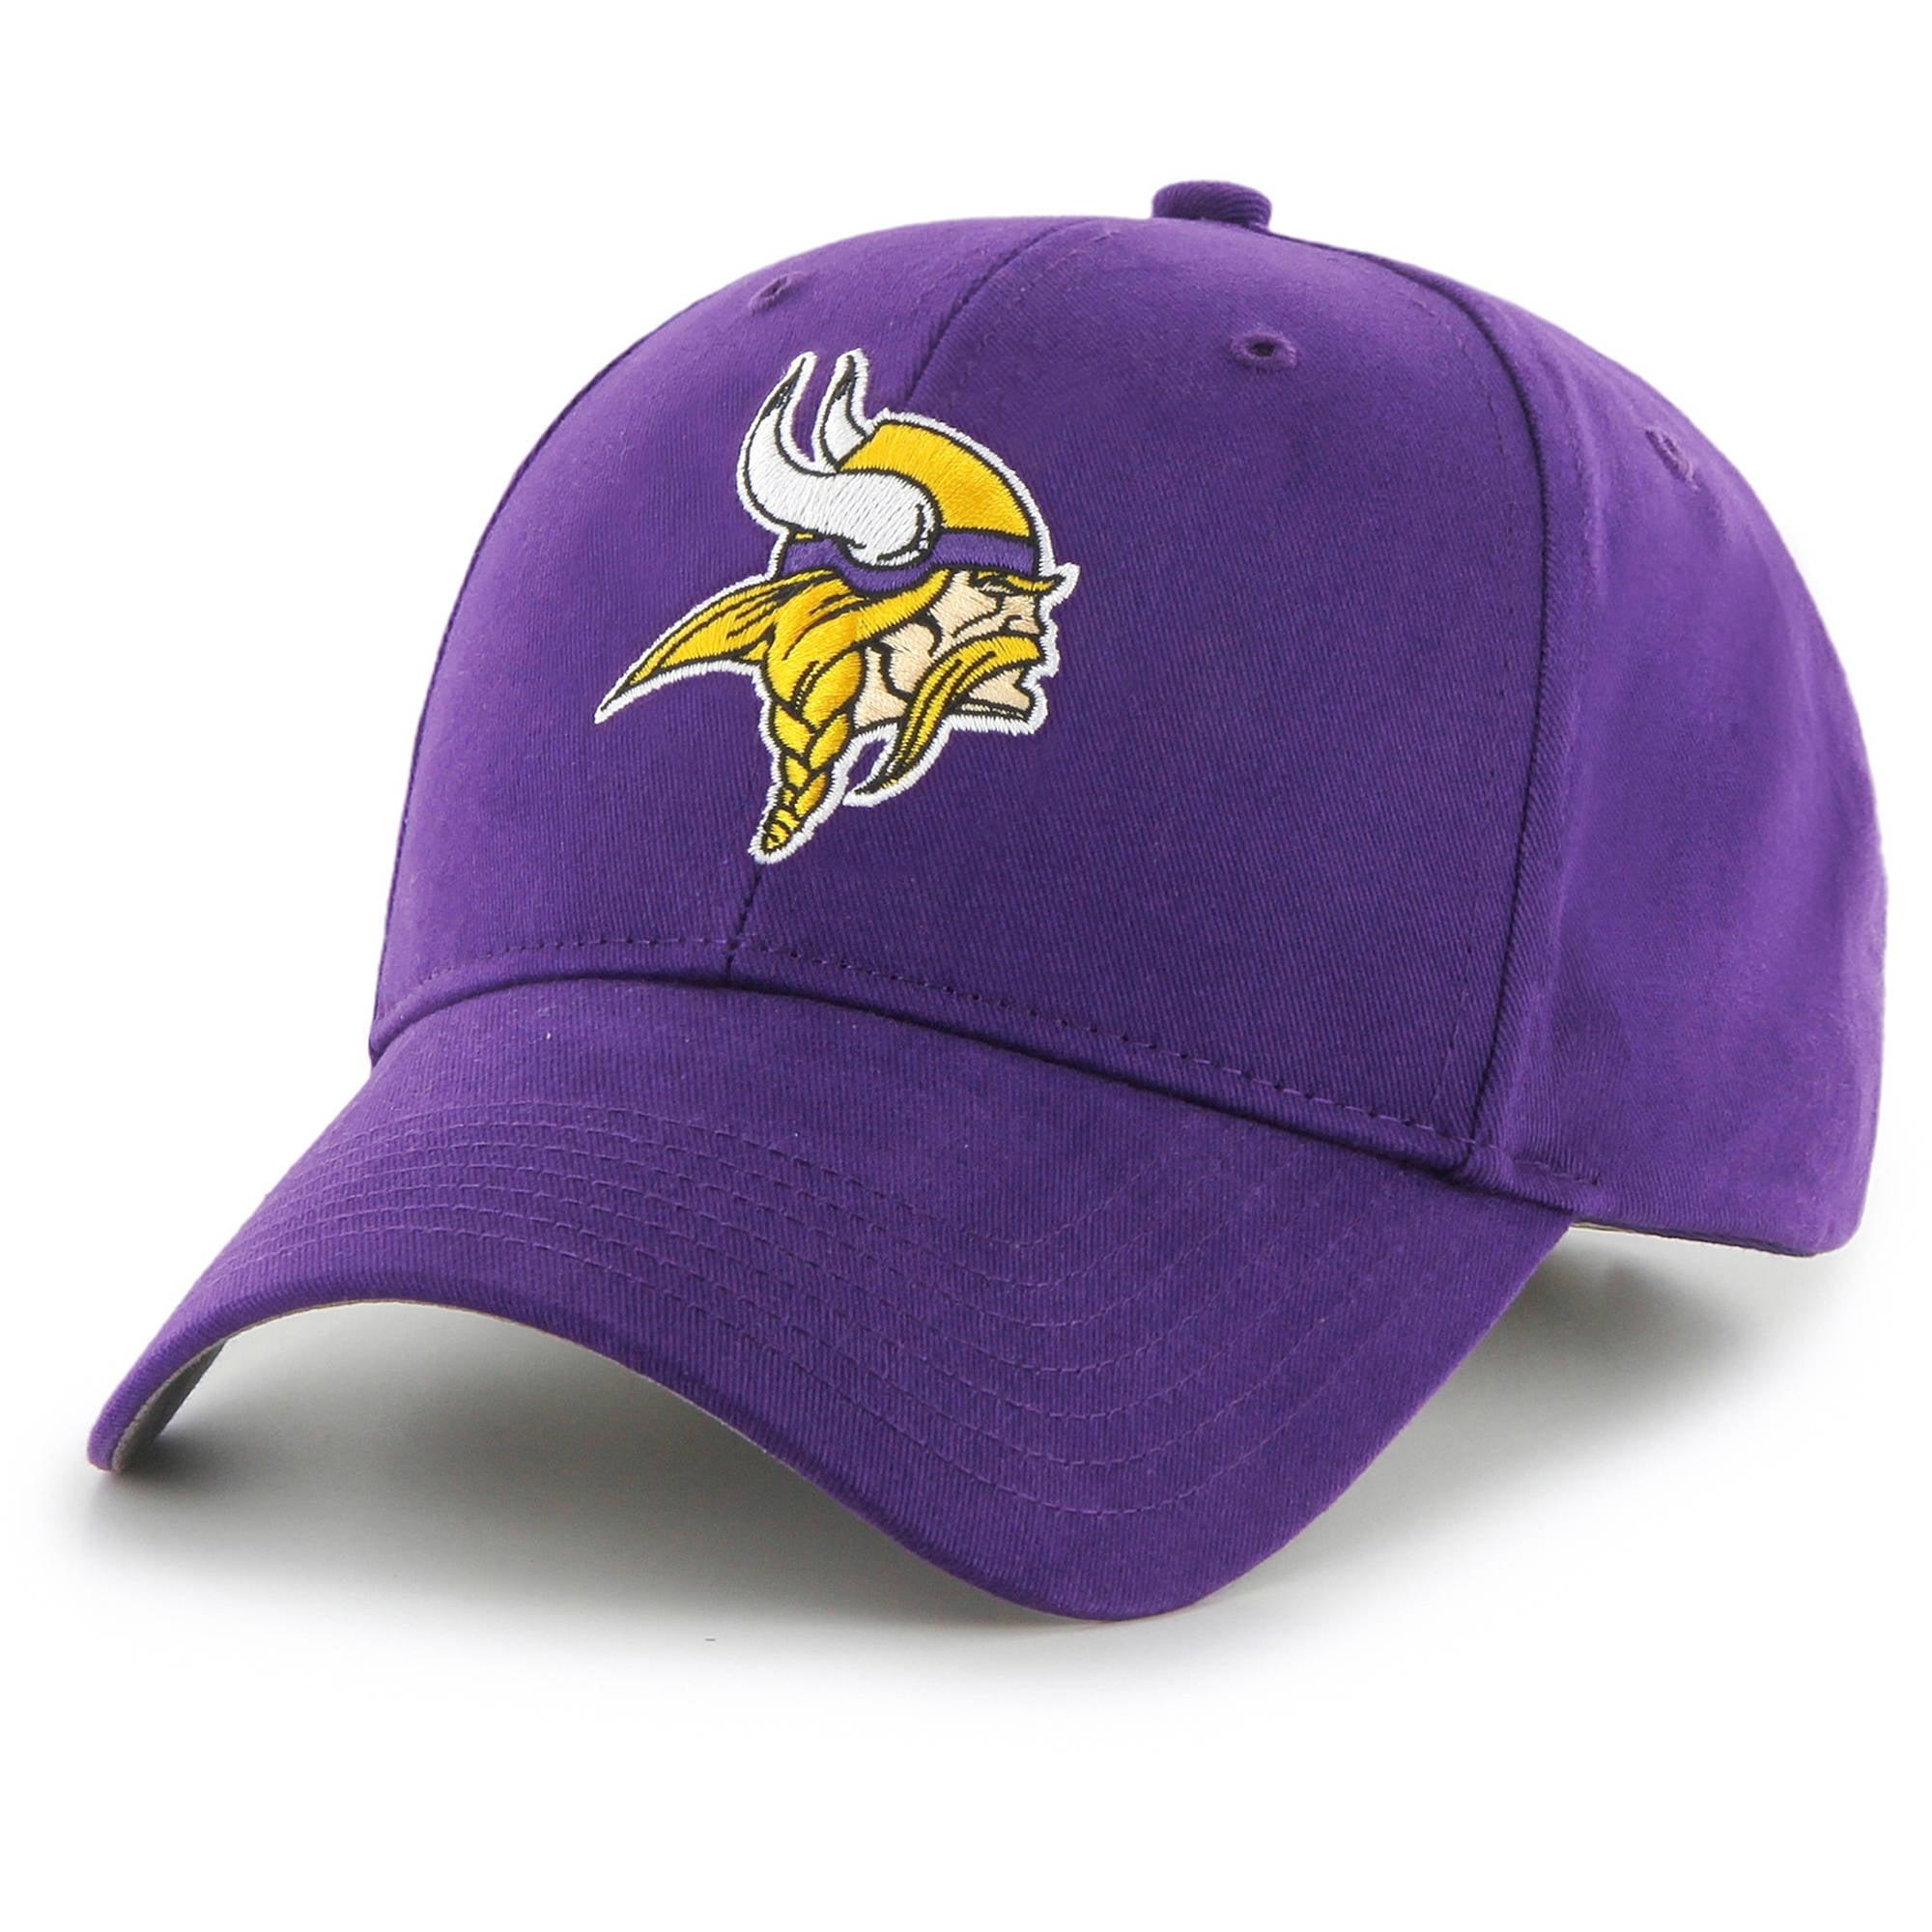 NFL Minnesota Vikings Basic Cap / Hat by Fan Favorite